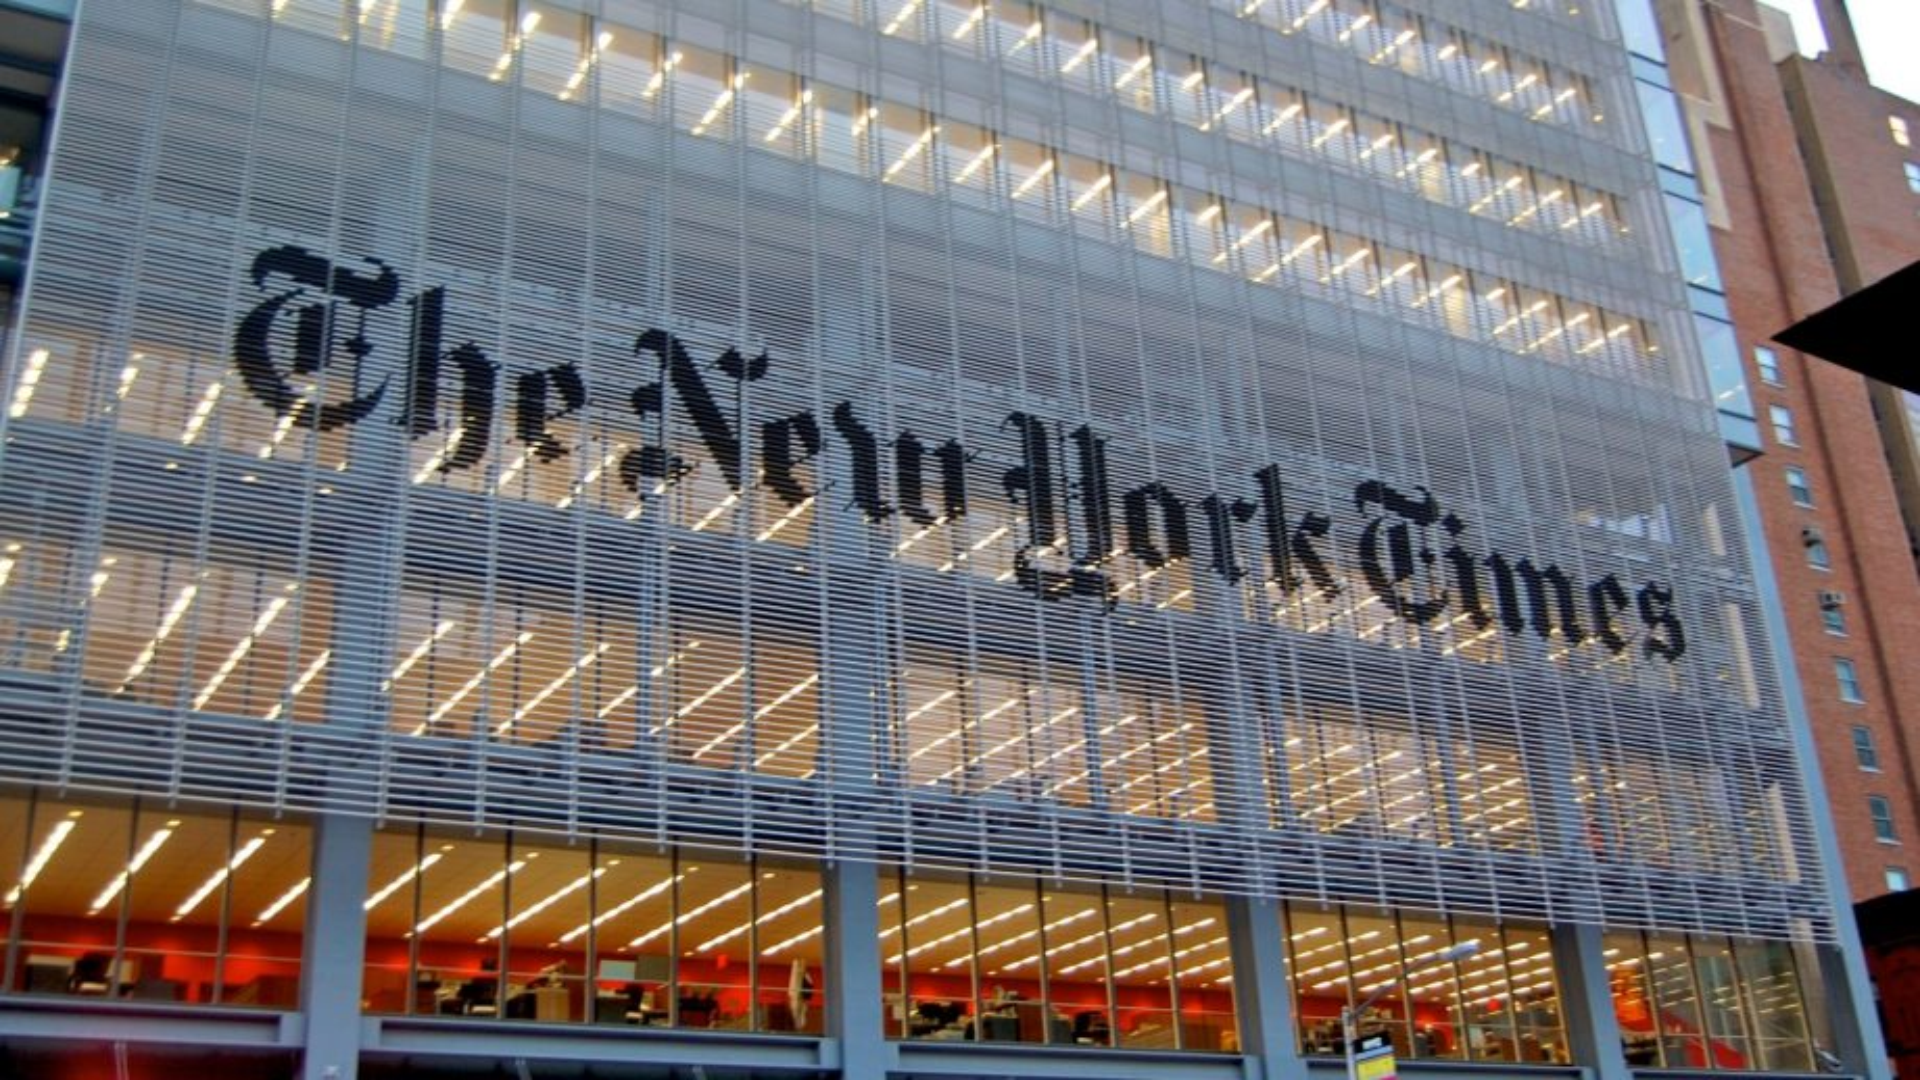 Le «New York Times» met fin aux dessins de presse